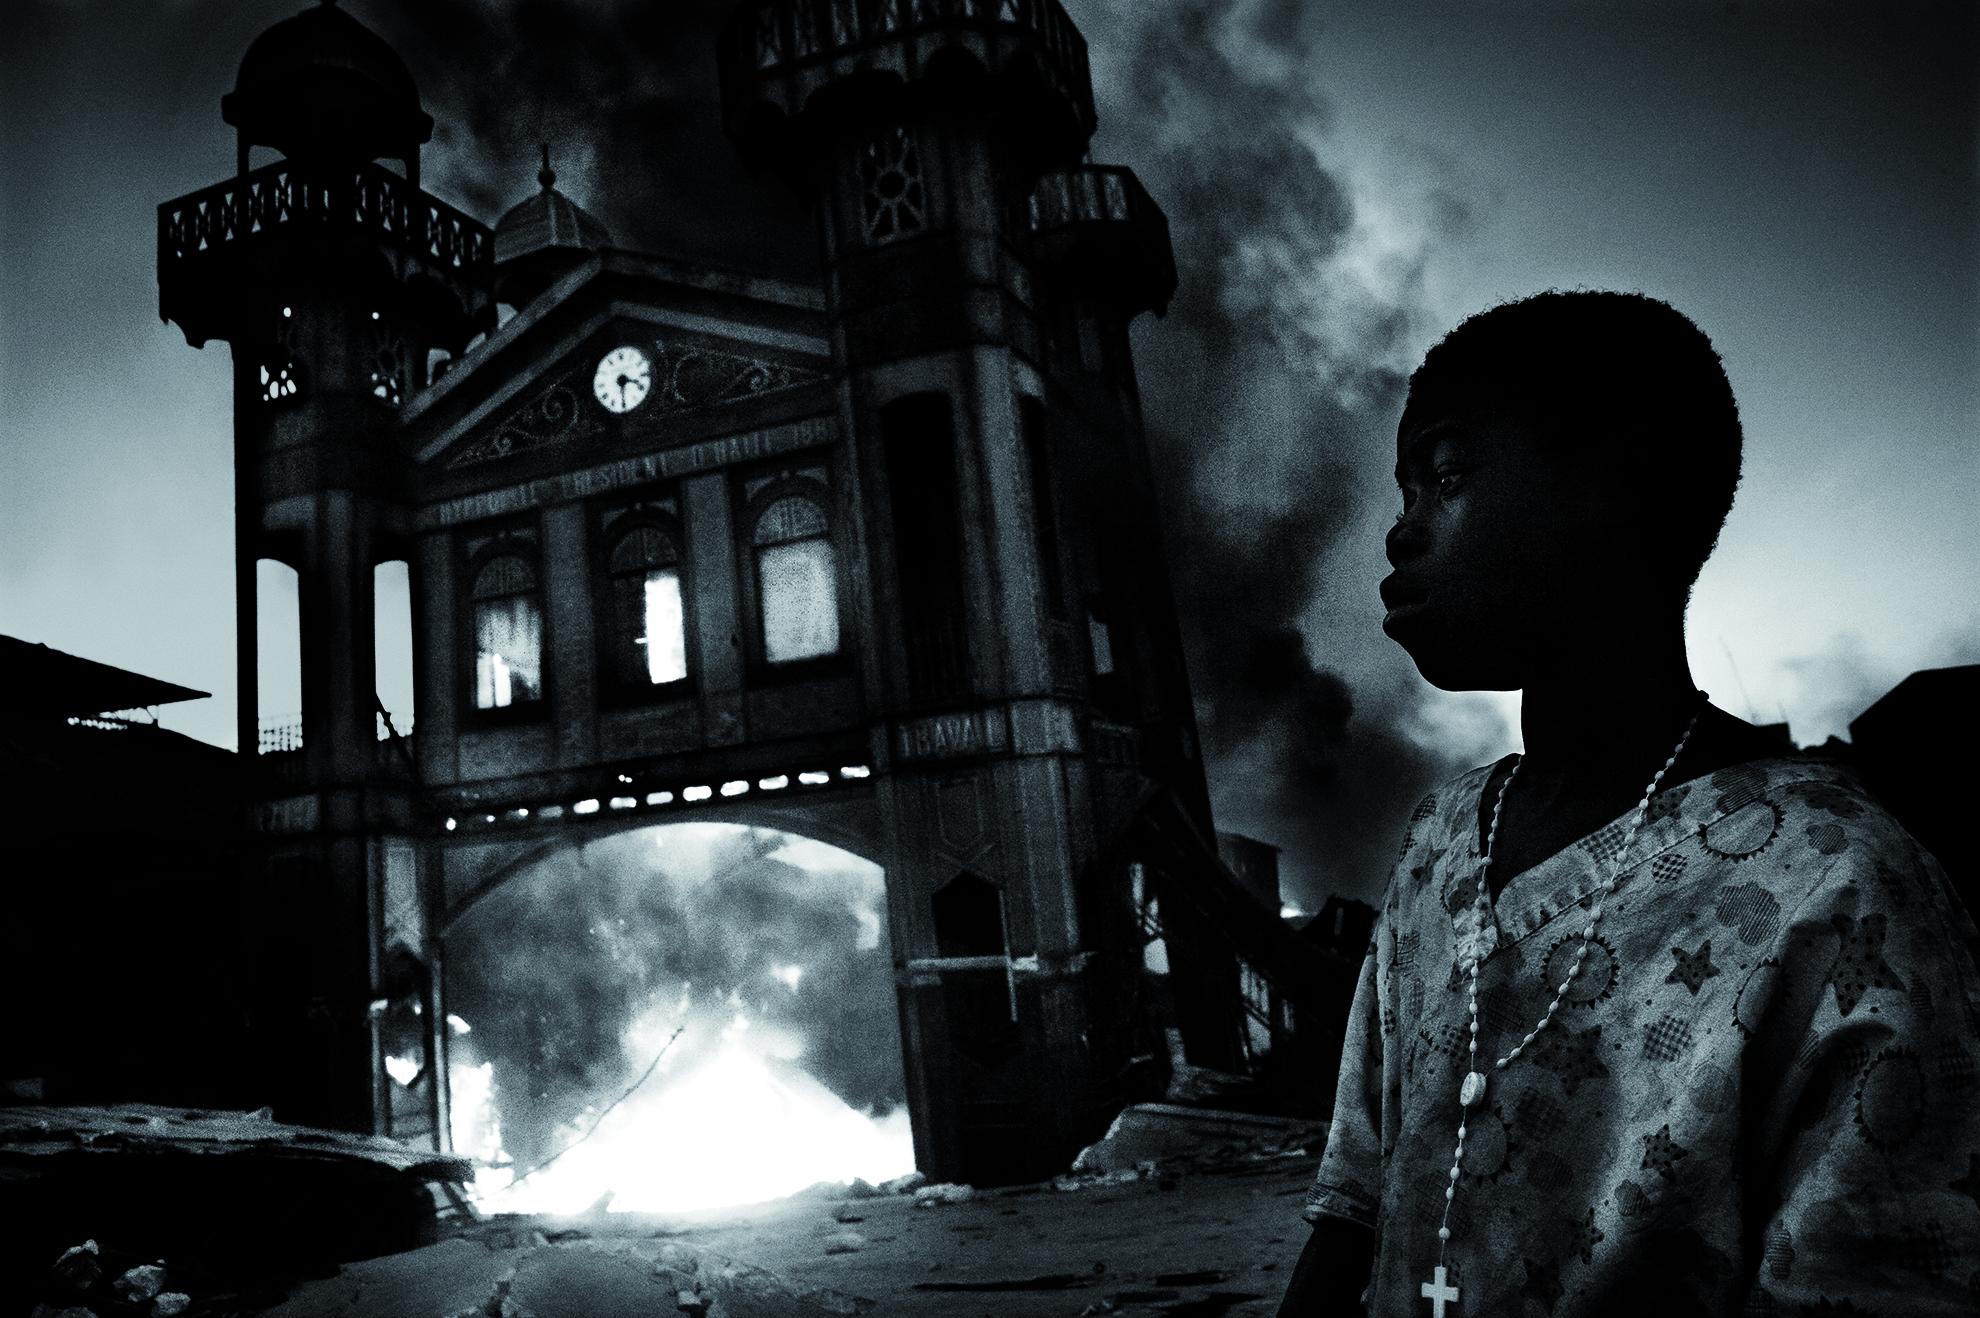 Haití, Puerto Príncipe. Enero de 2010. El mercado de alimentos, en llamas.